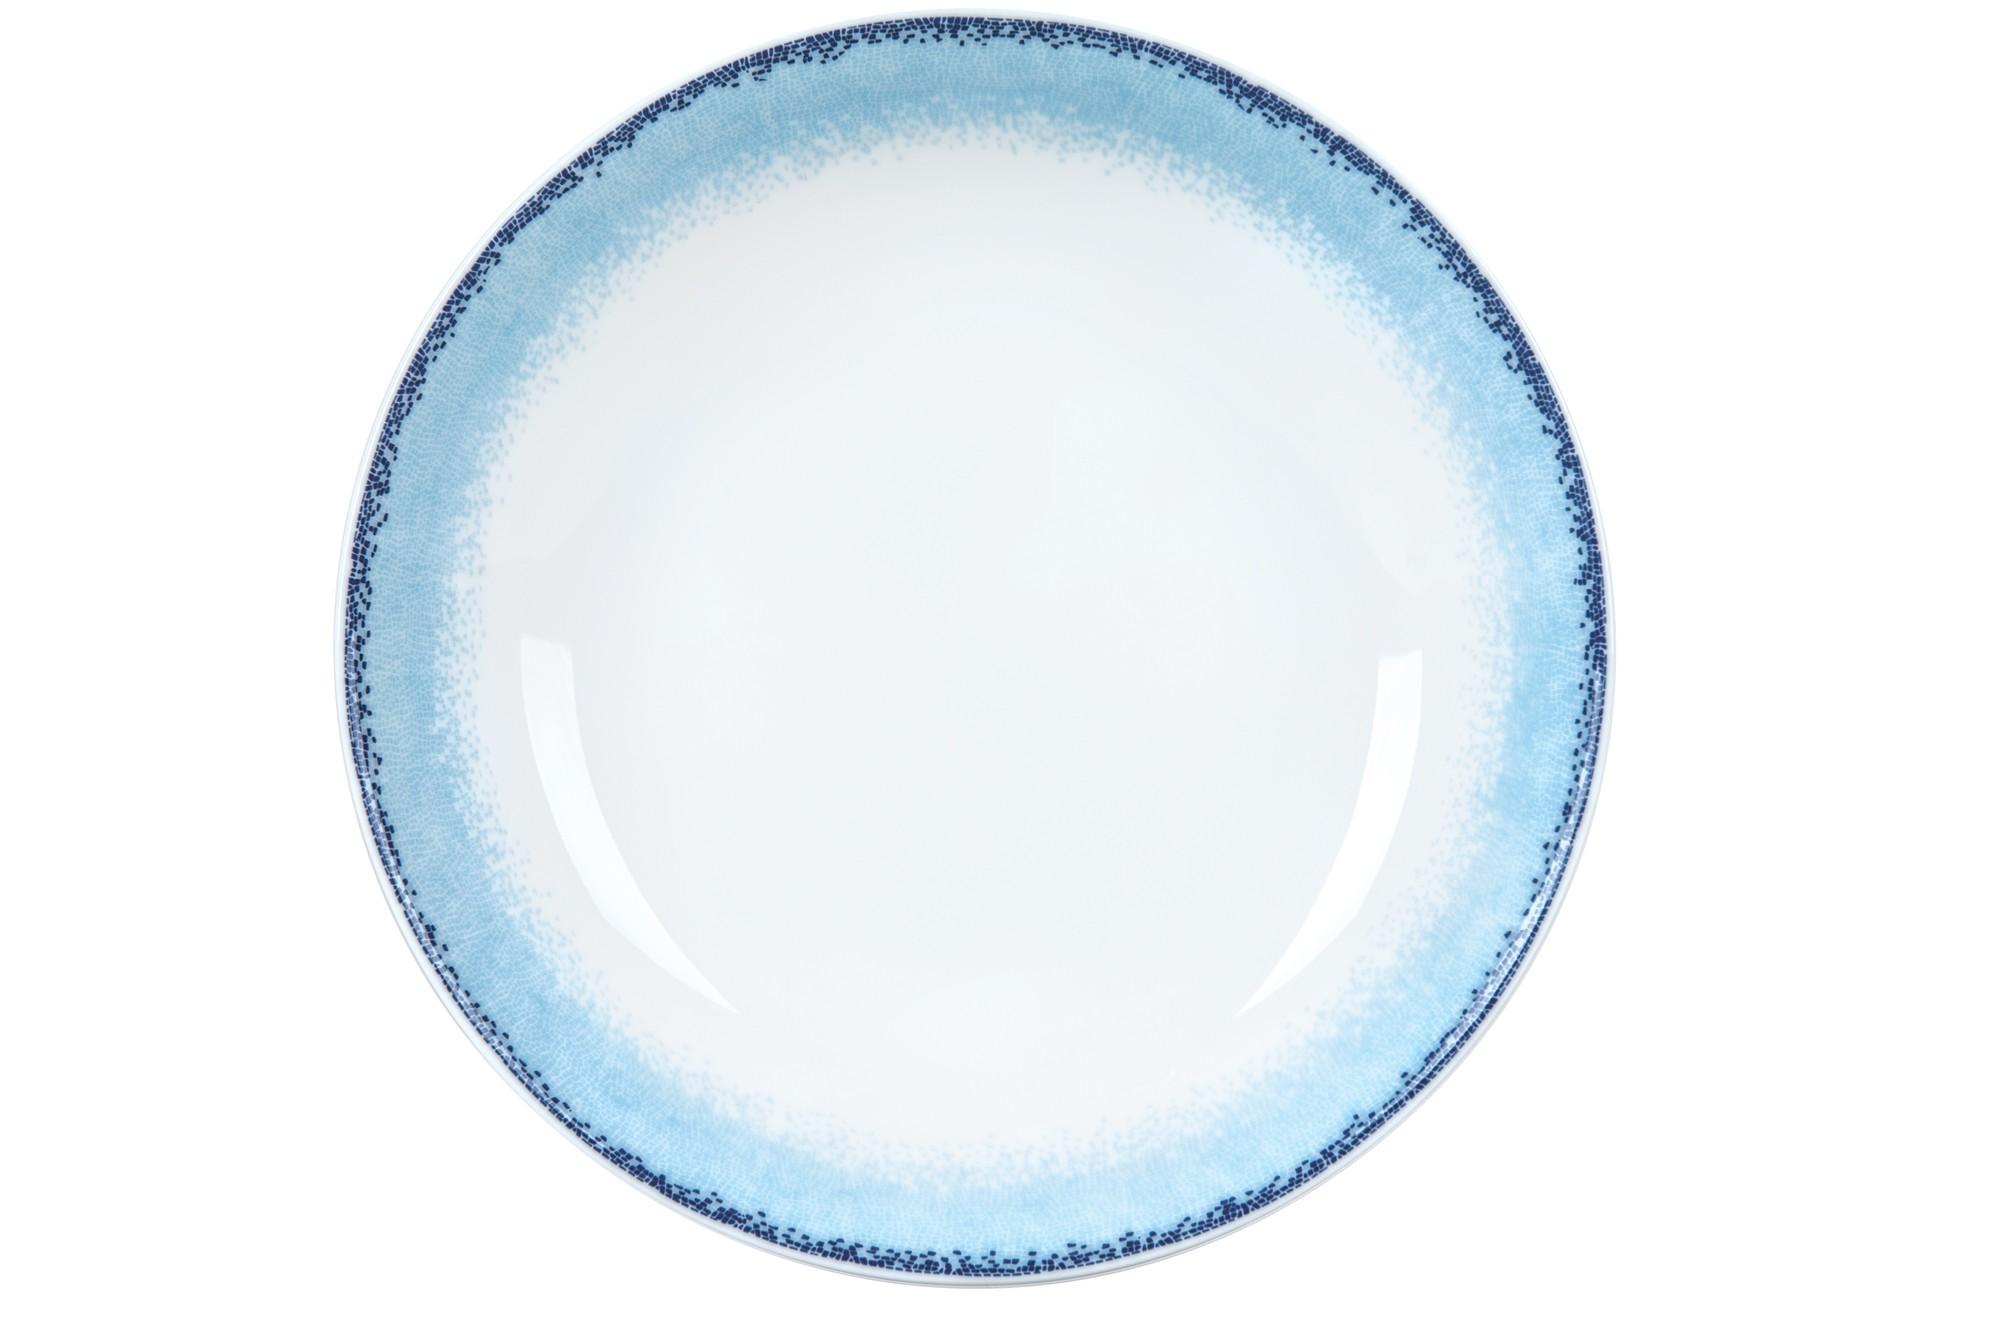 Πιάτο Βαθύ Σετ 6Τμχ Apeiron Blue 21.5cm Ionia home   ειδη σερβιρισματος   πιάτα